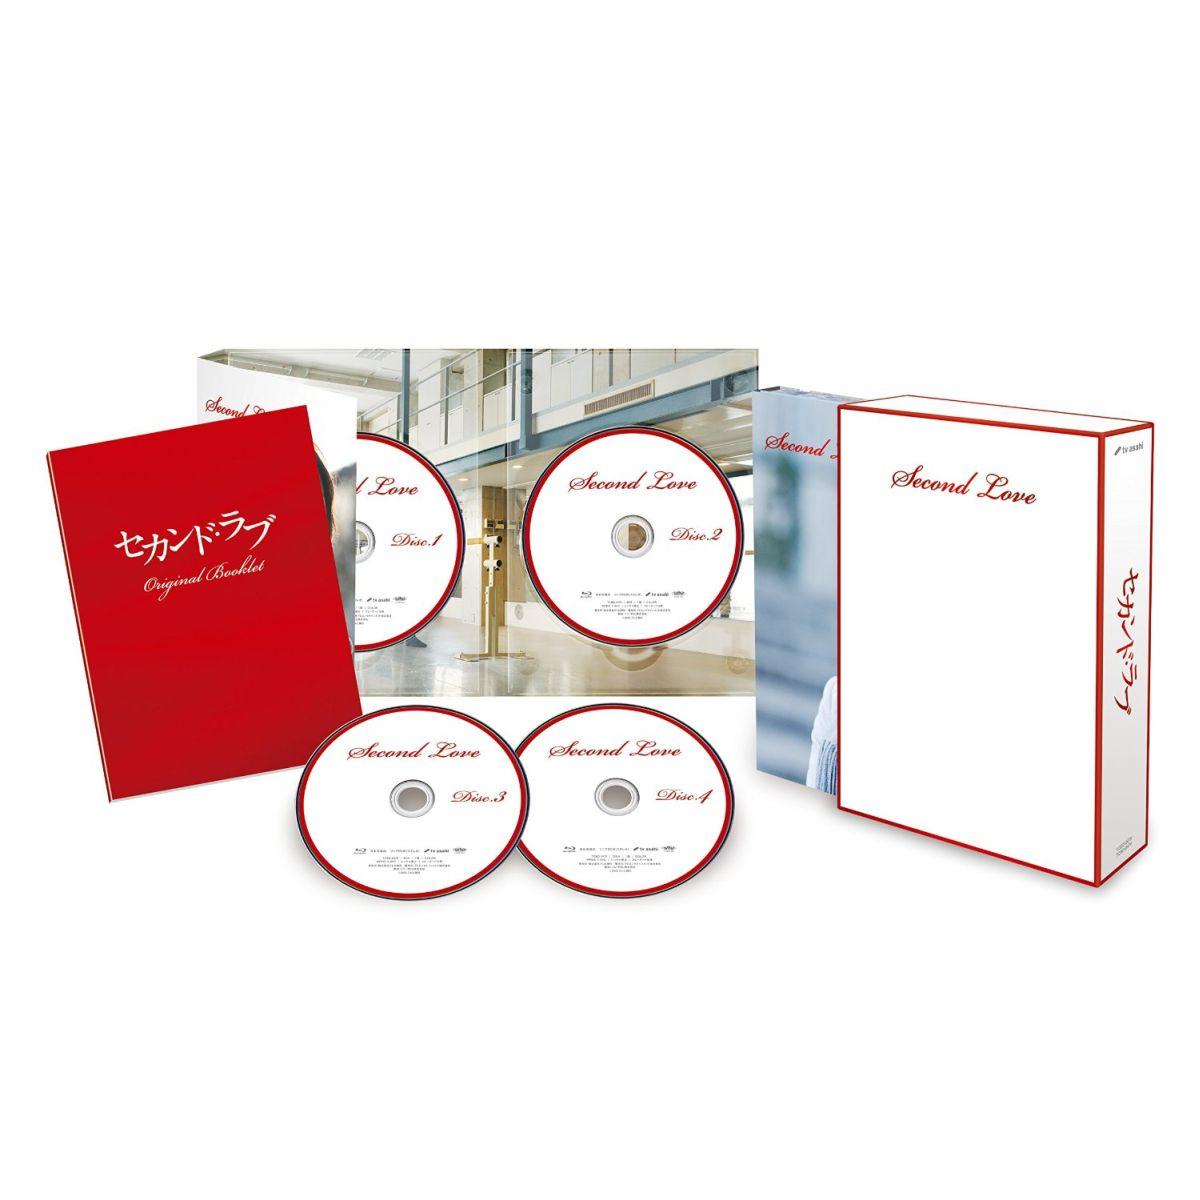 セカンド・ラブ Blu-ray BOX 【Blu-ray】 [ 亀梨和也 ]...:book:17388068